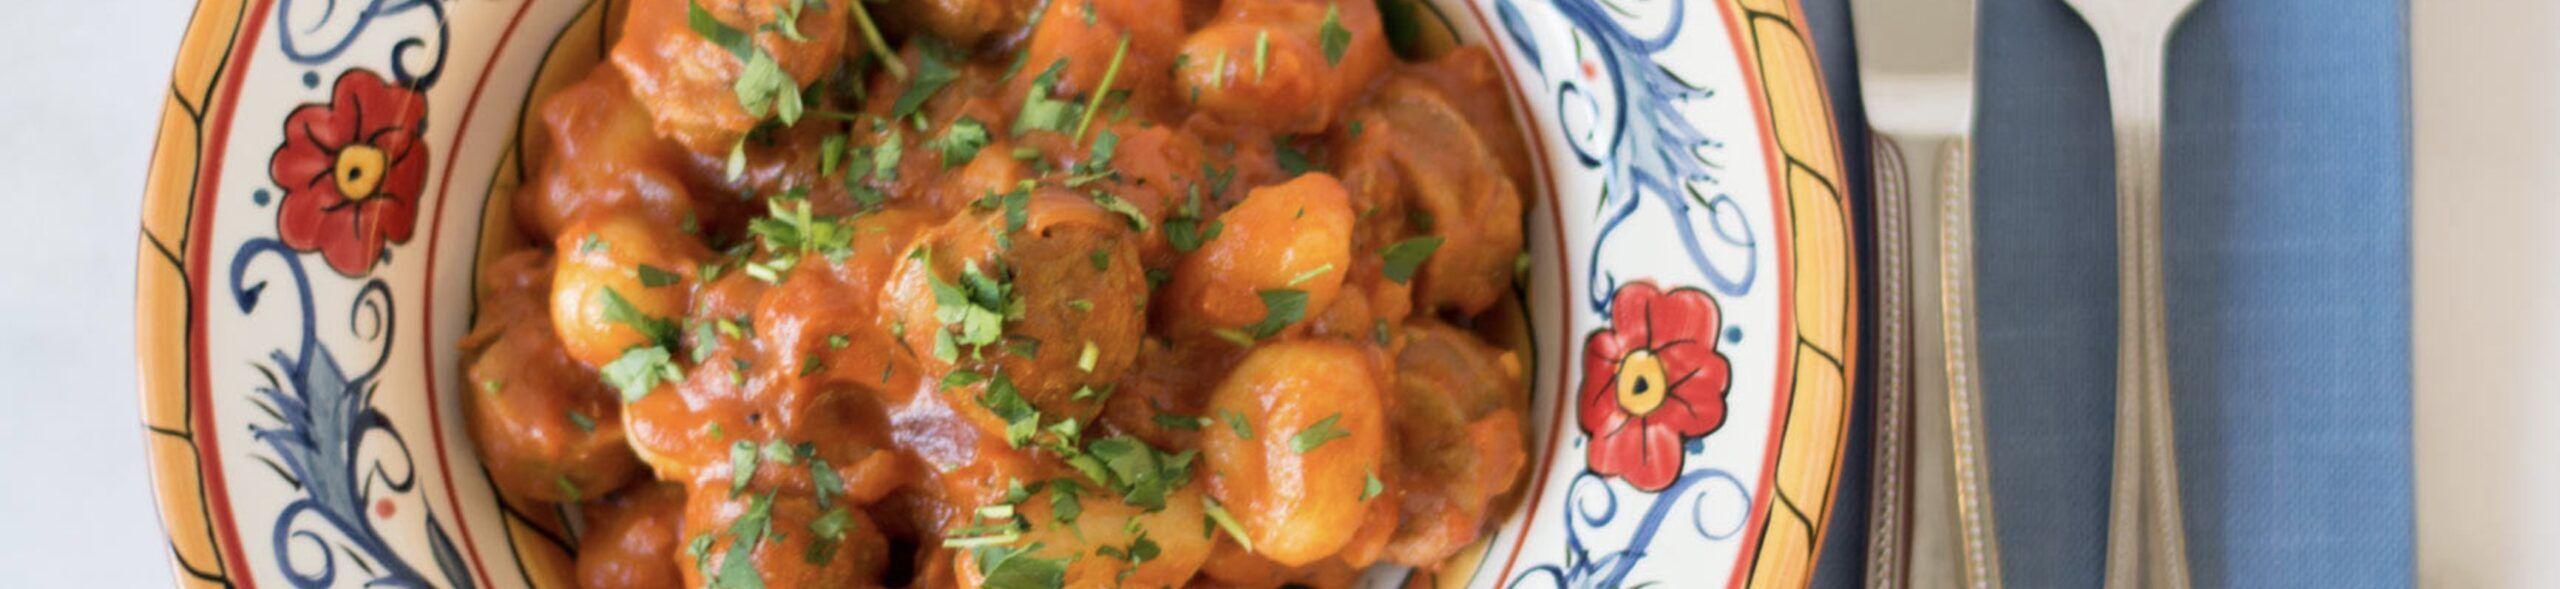 Image-Tuscan Sausage Gnocchi Recipe